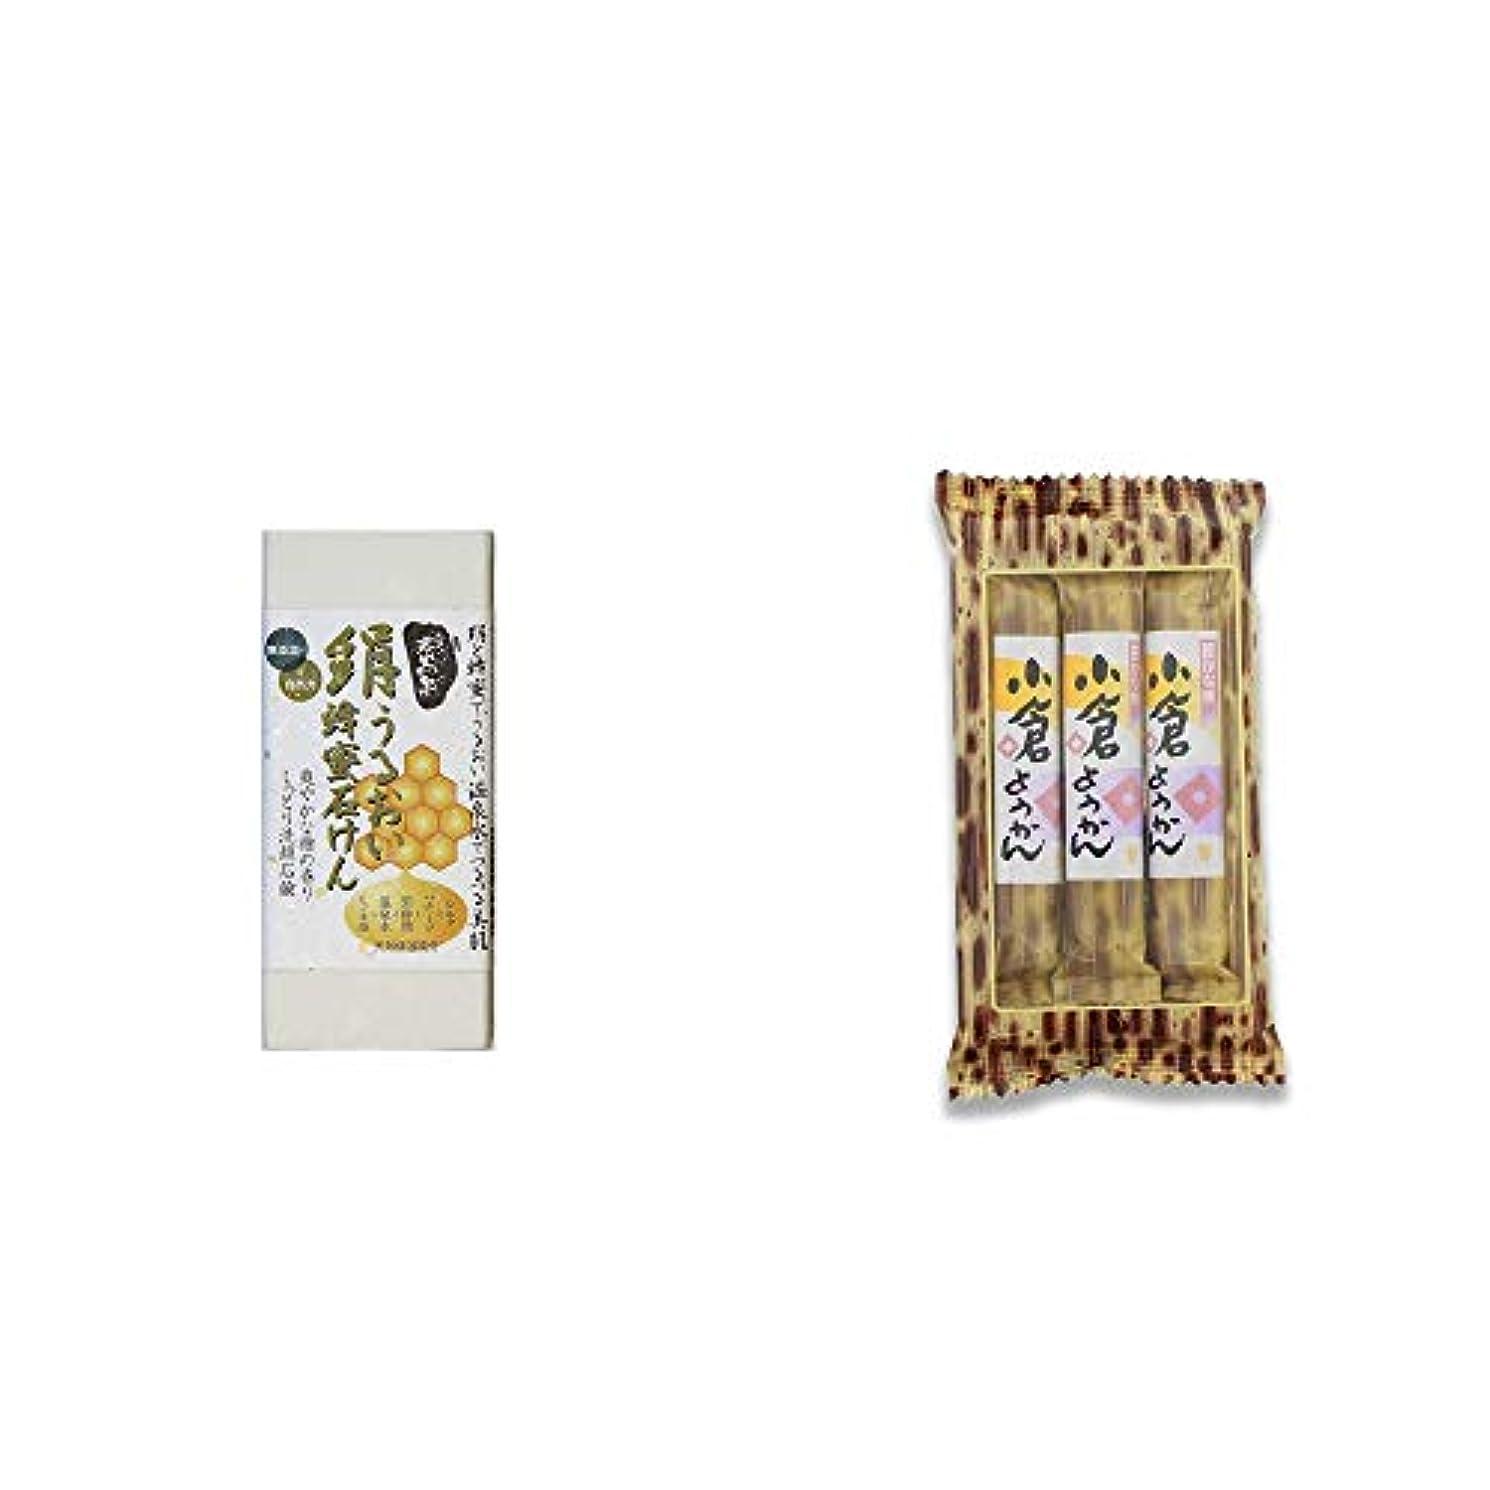 他の日アミューズバーチャル[2点セット] ひのき炭黒泉 絹うるおい蜂蜜石けん(75g×2)?スティックようかん[小倉](50g×3本)